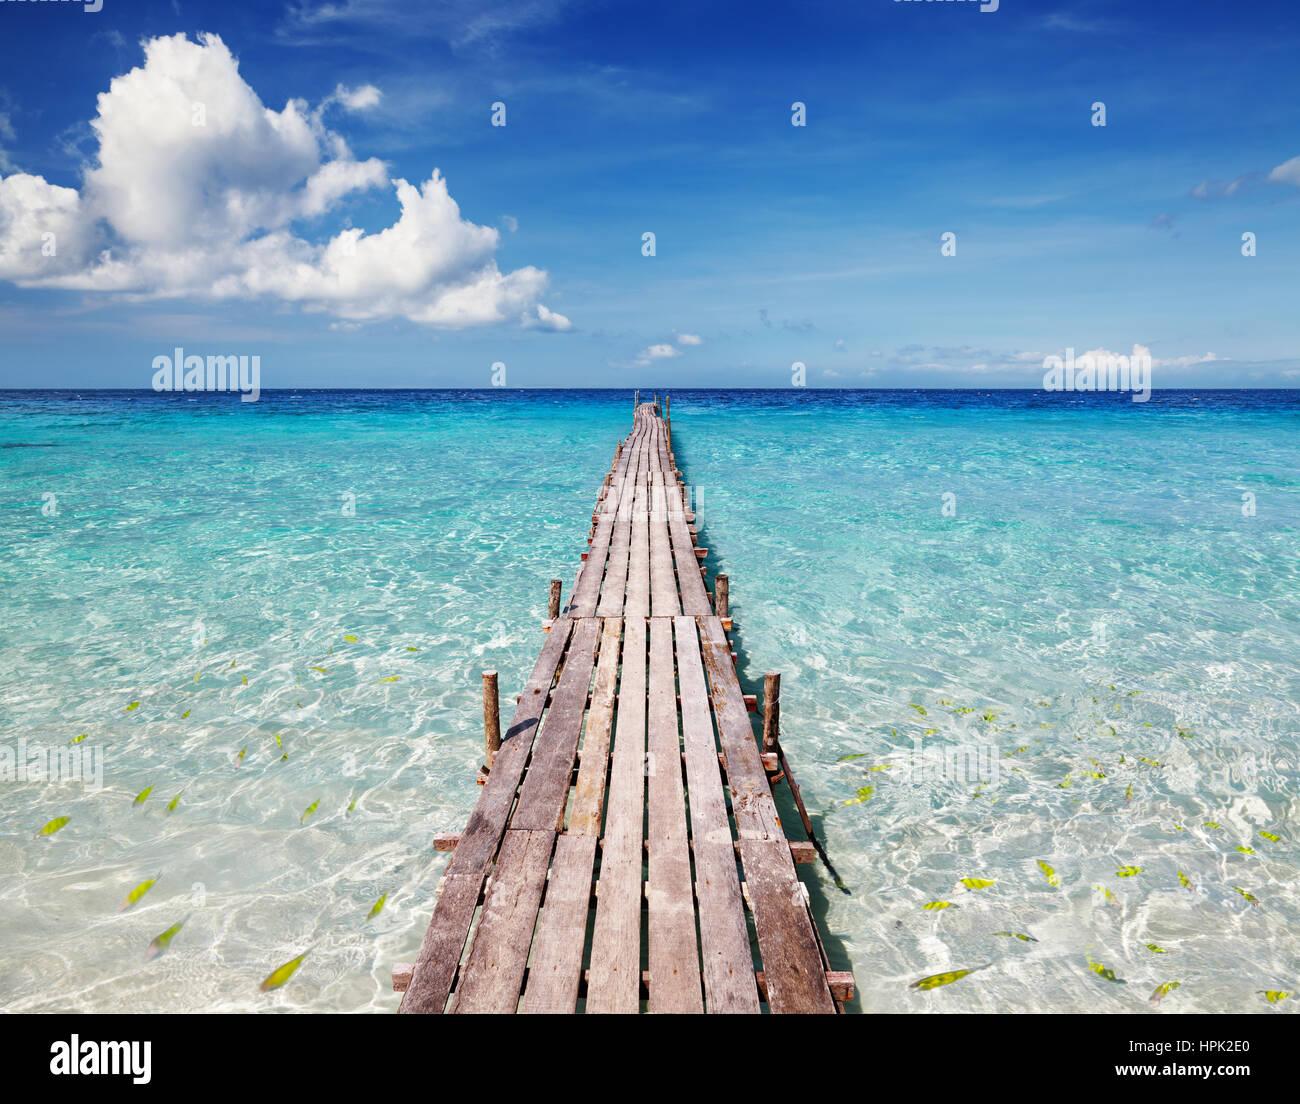 Muelle de madera en una isla tropical, claro mar y cielo azul Imagen De Stock